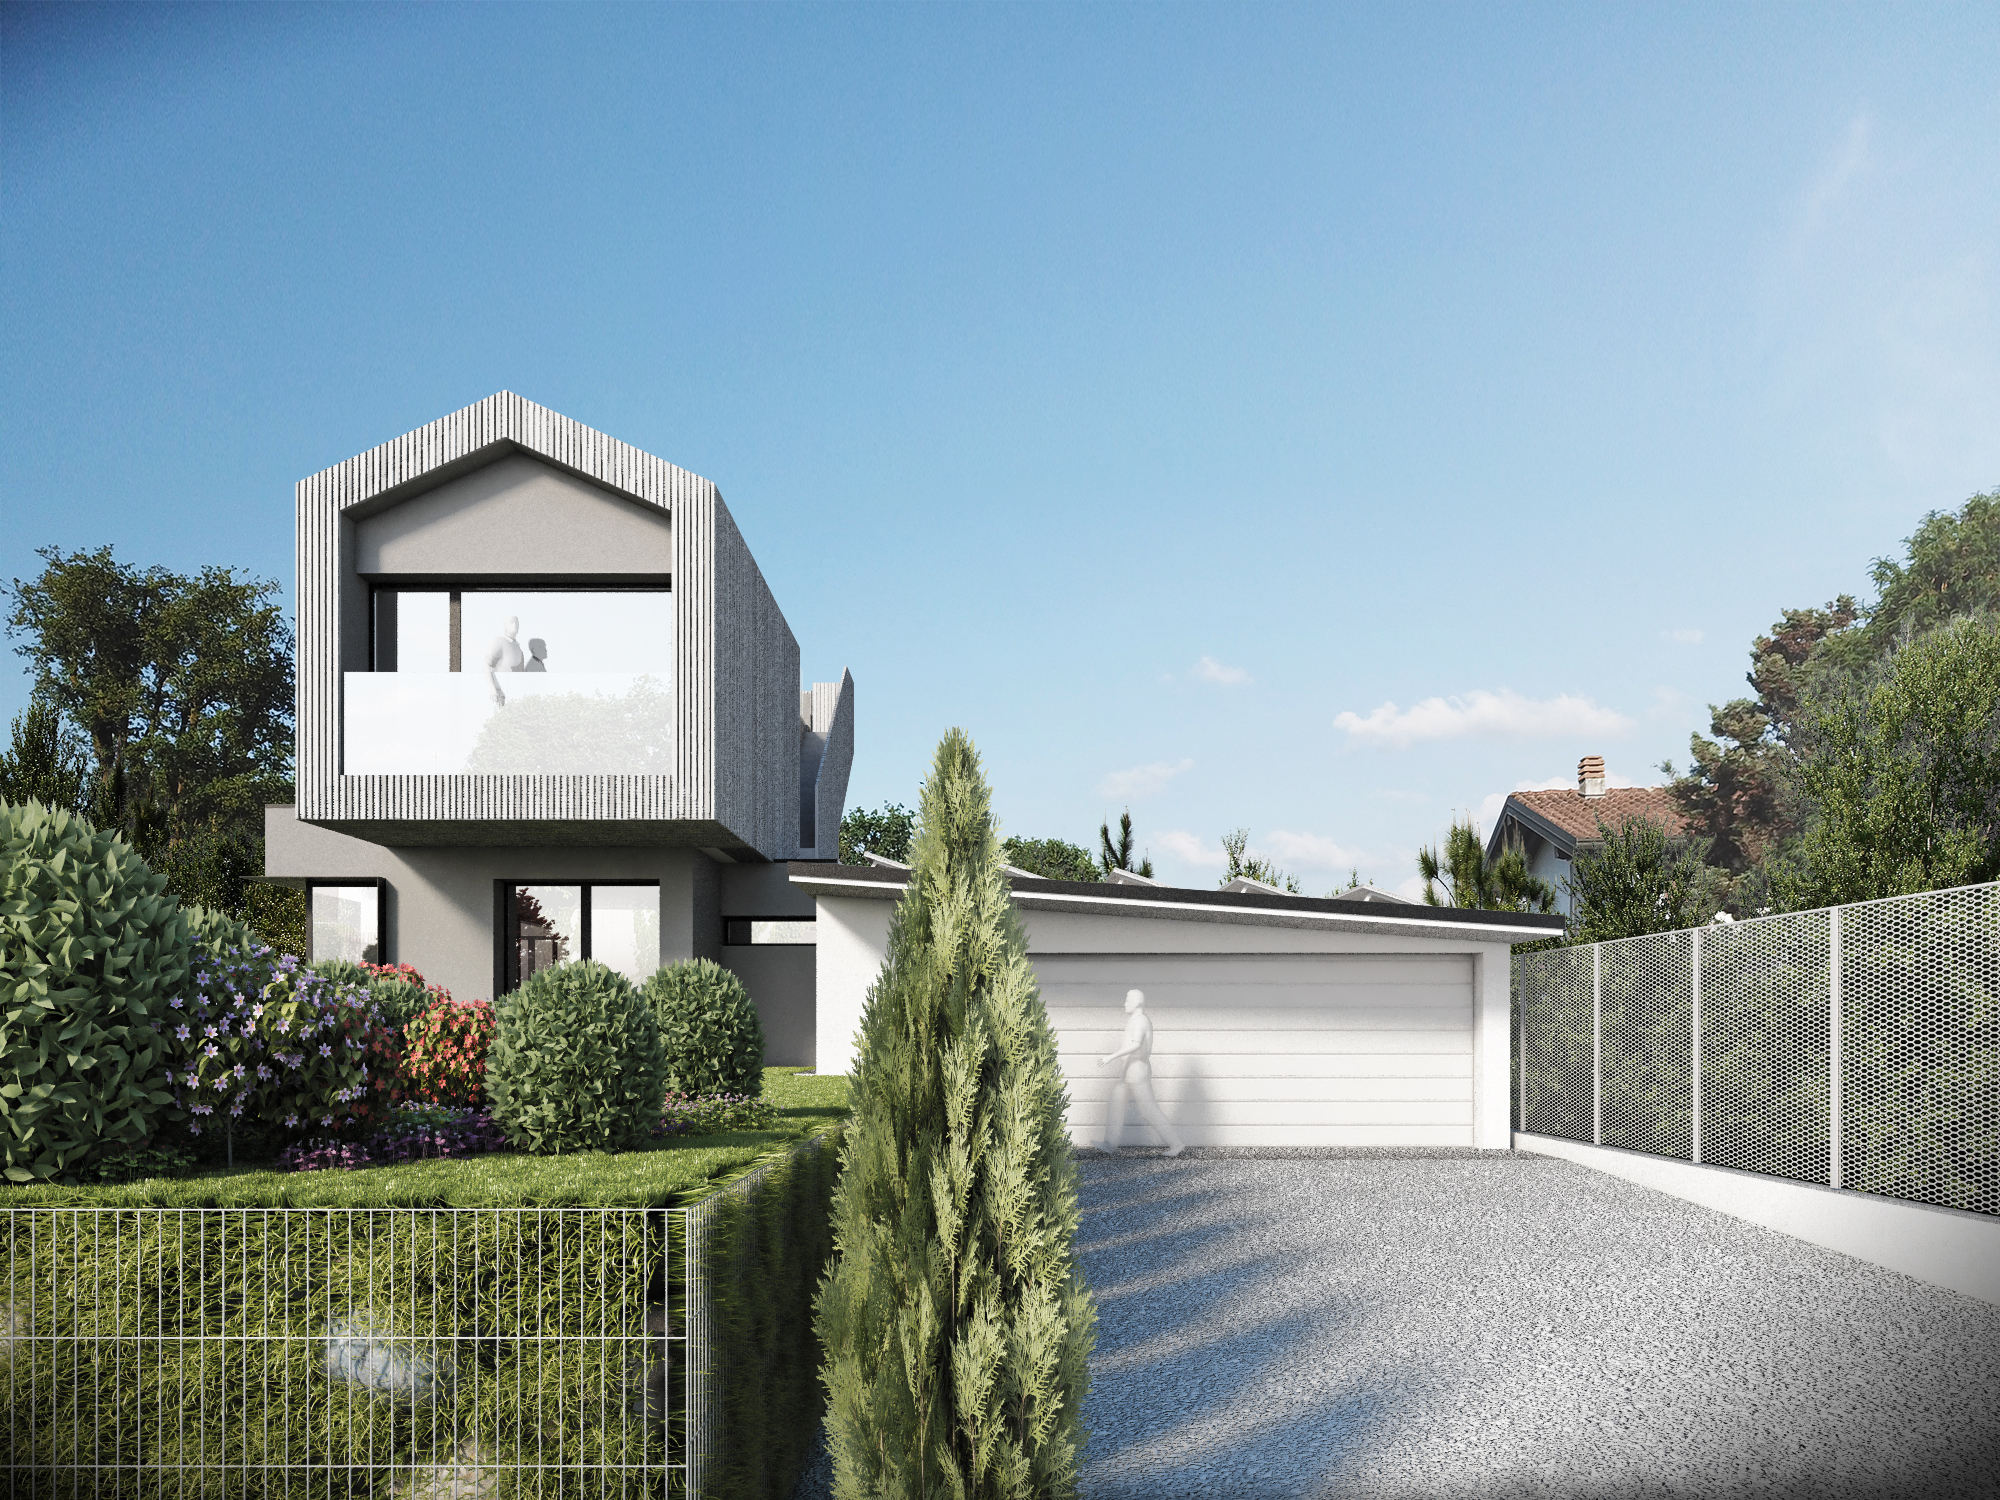 0718_RobertoManzetti-Architetto-MathiHouse-8